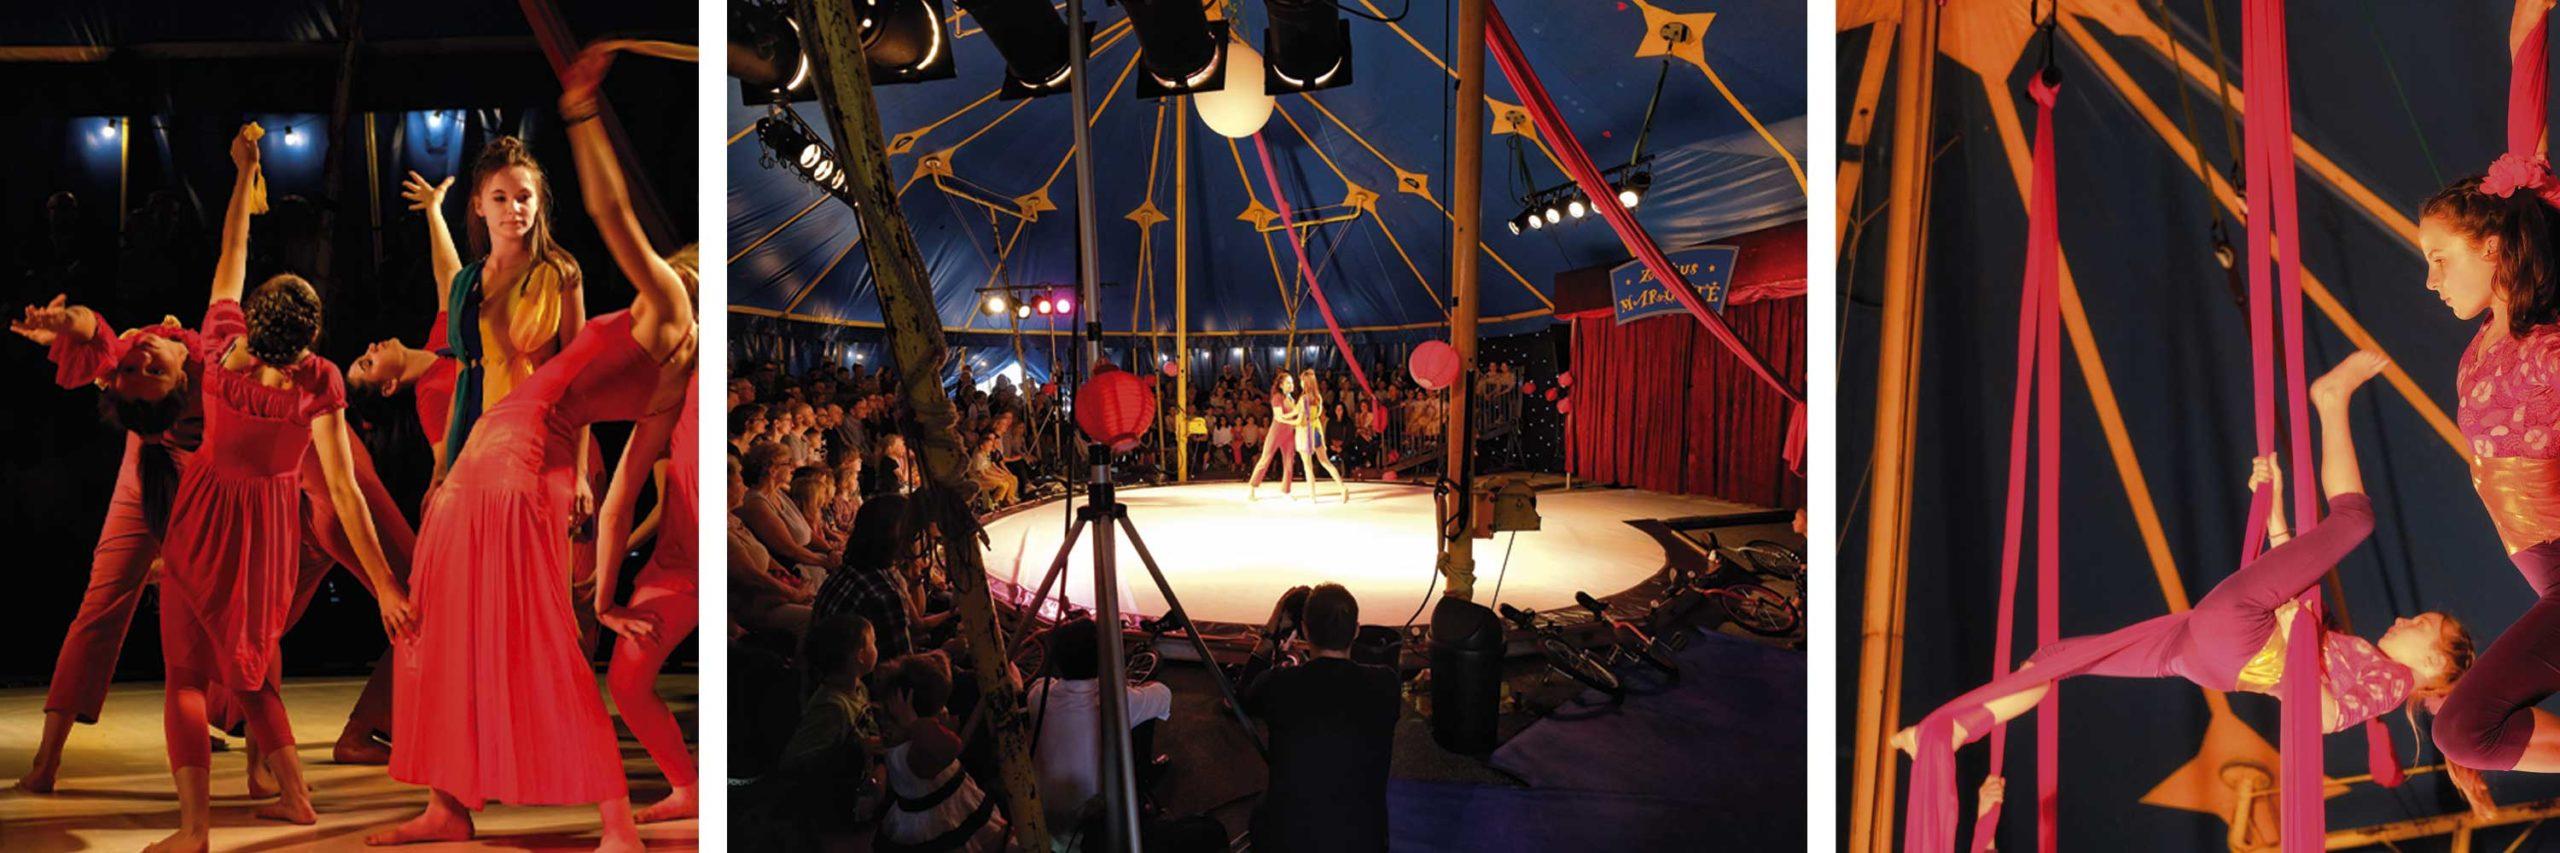 Zirkus - Stiftung Adliswiler Jugend